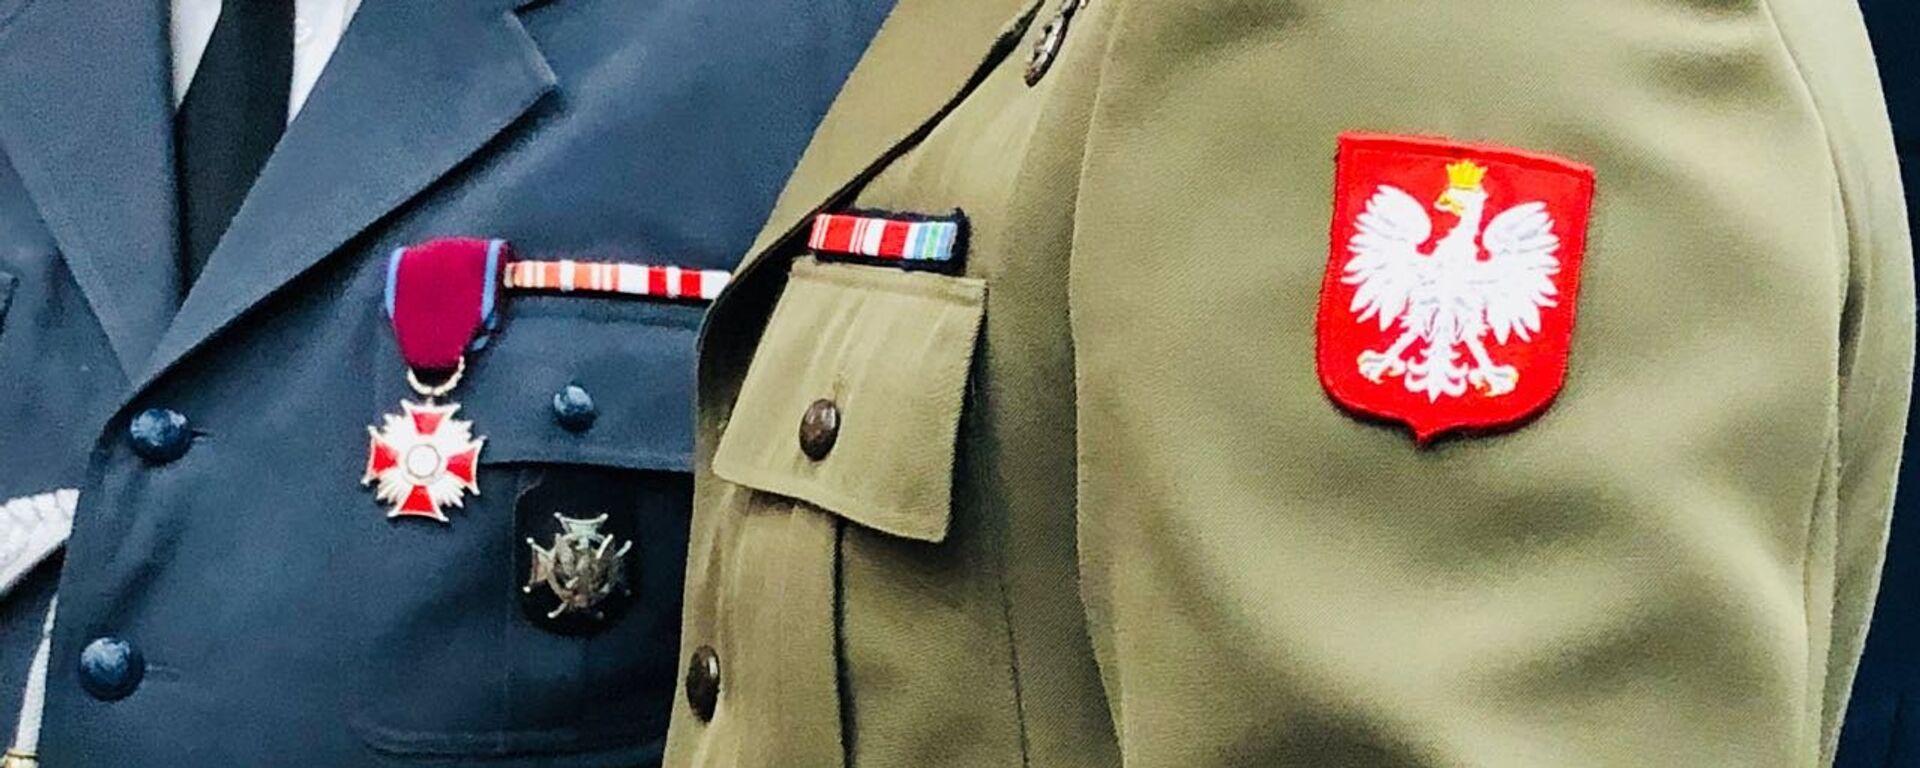 Uroczystości z okazji Narodowego Święta Niepodległości 11 Listopada w gmachu Muzeum Aleksandra Puszkina w Moskwie - Sputnik Polska, 1920, 09.06.2021